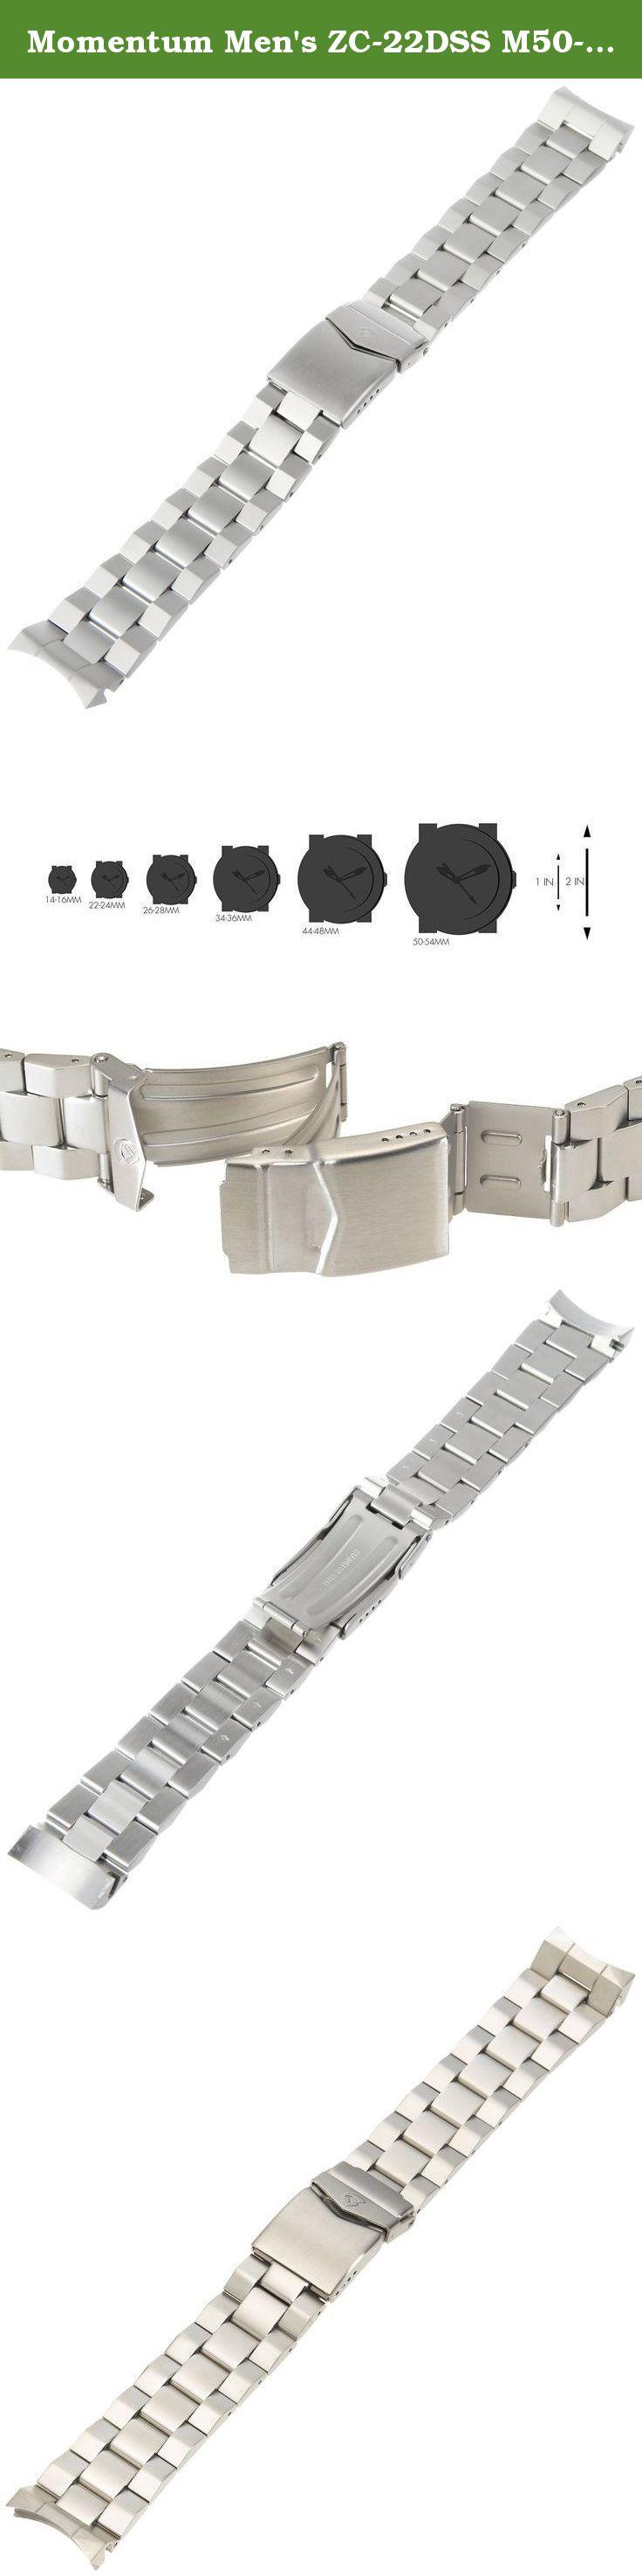 Momentum Men's Zc22dss M50dss 22mm Stainlesssteel Watch Bracelet St